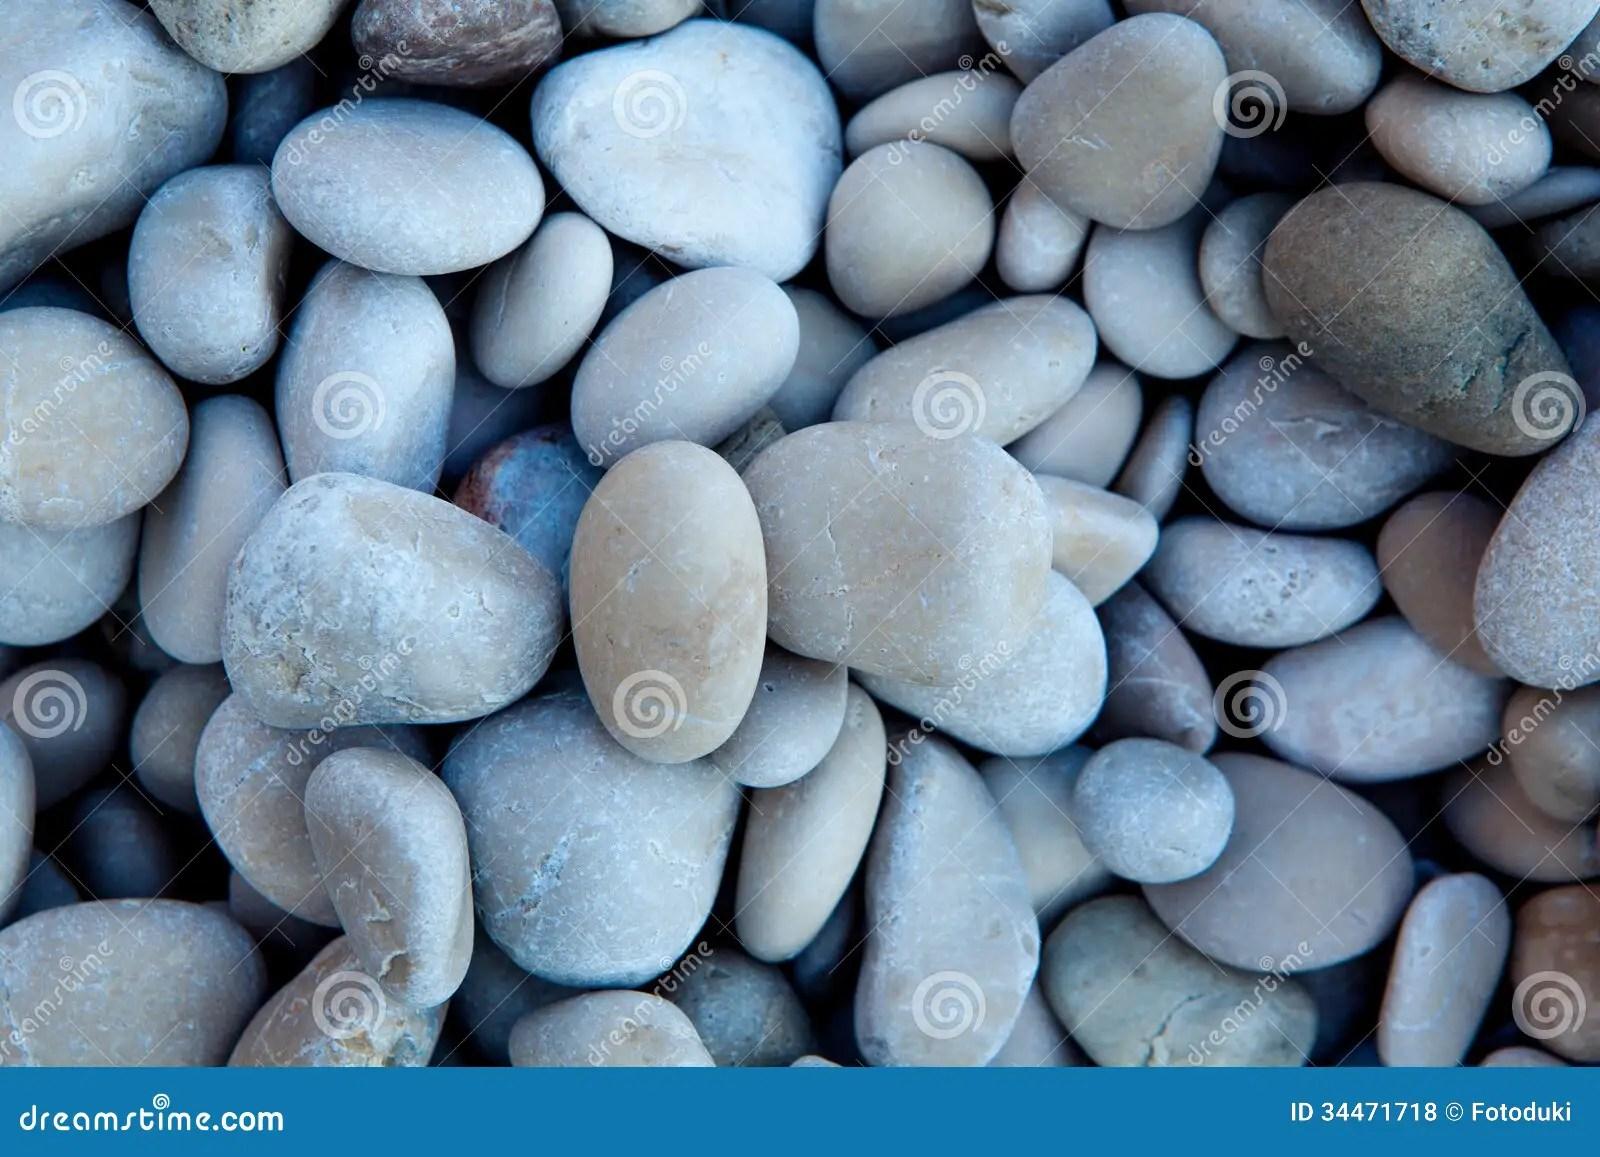 White Garden Pebbles Prices